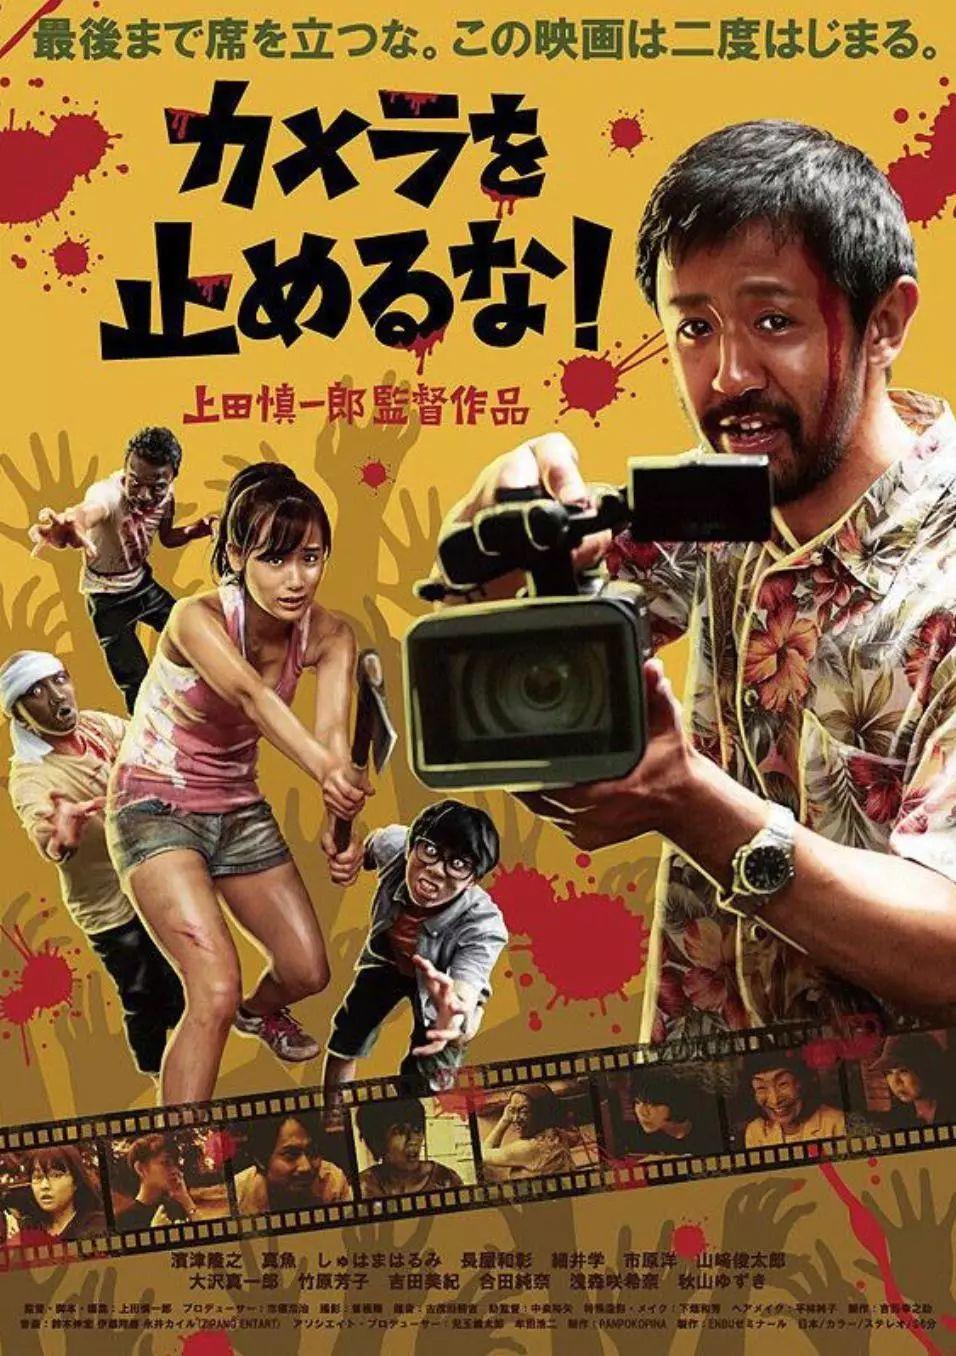 700倍票房回报率,这部演员众筹的日本cult片凭什么能做到?